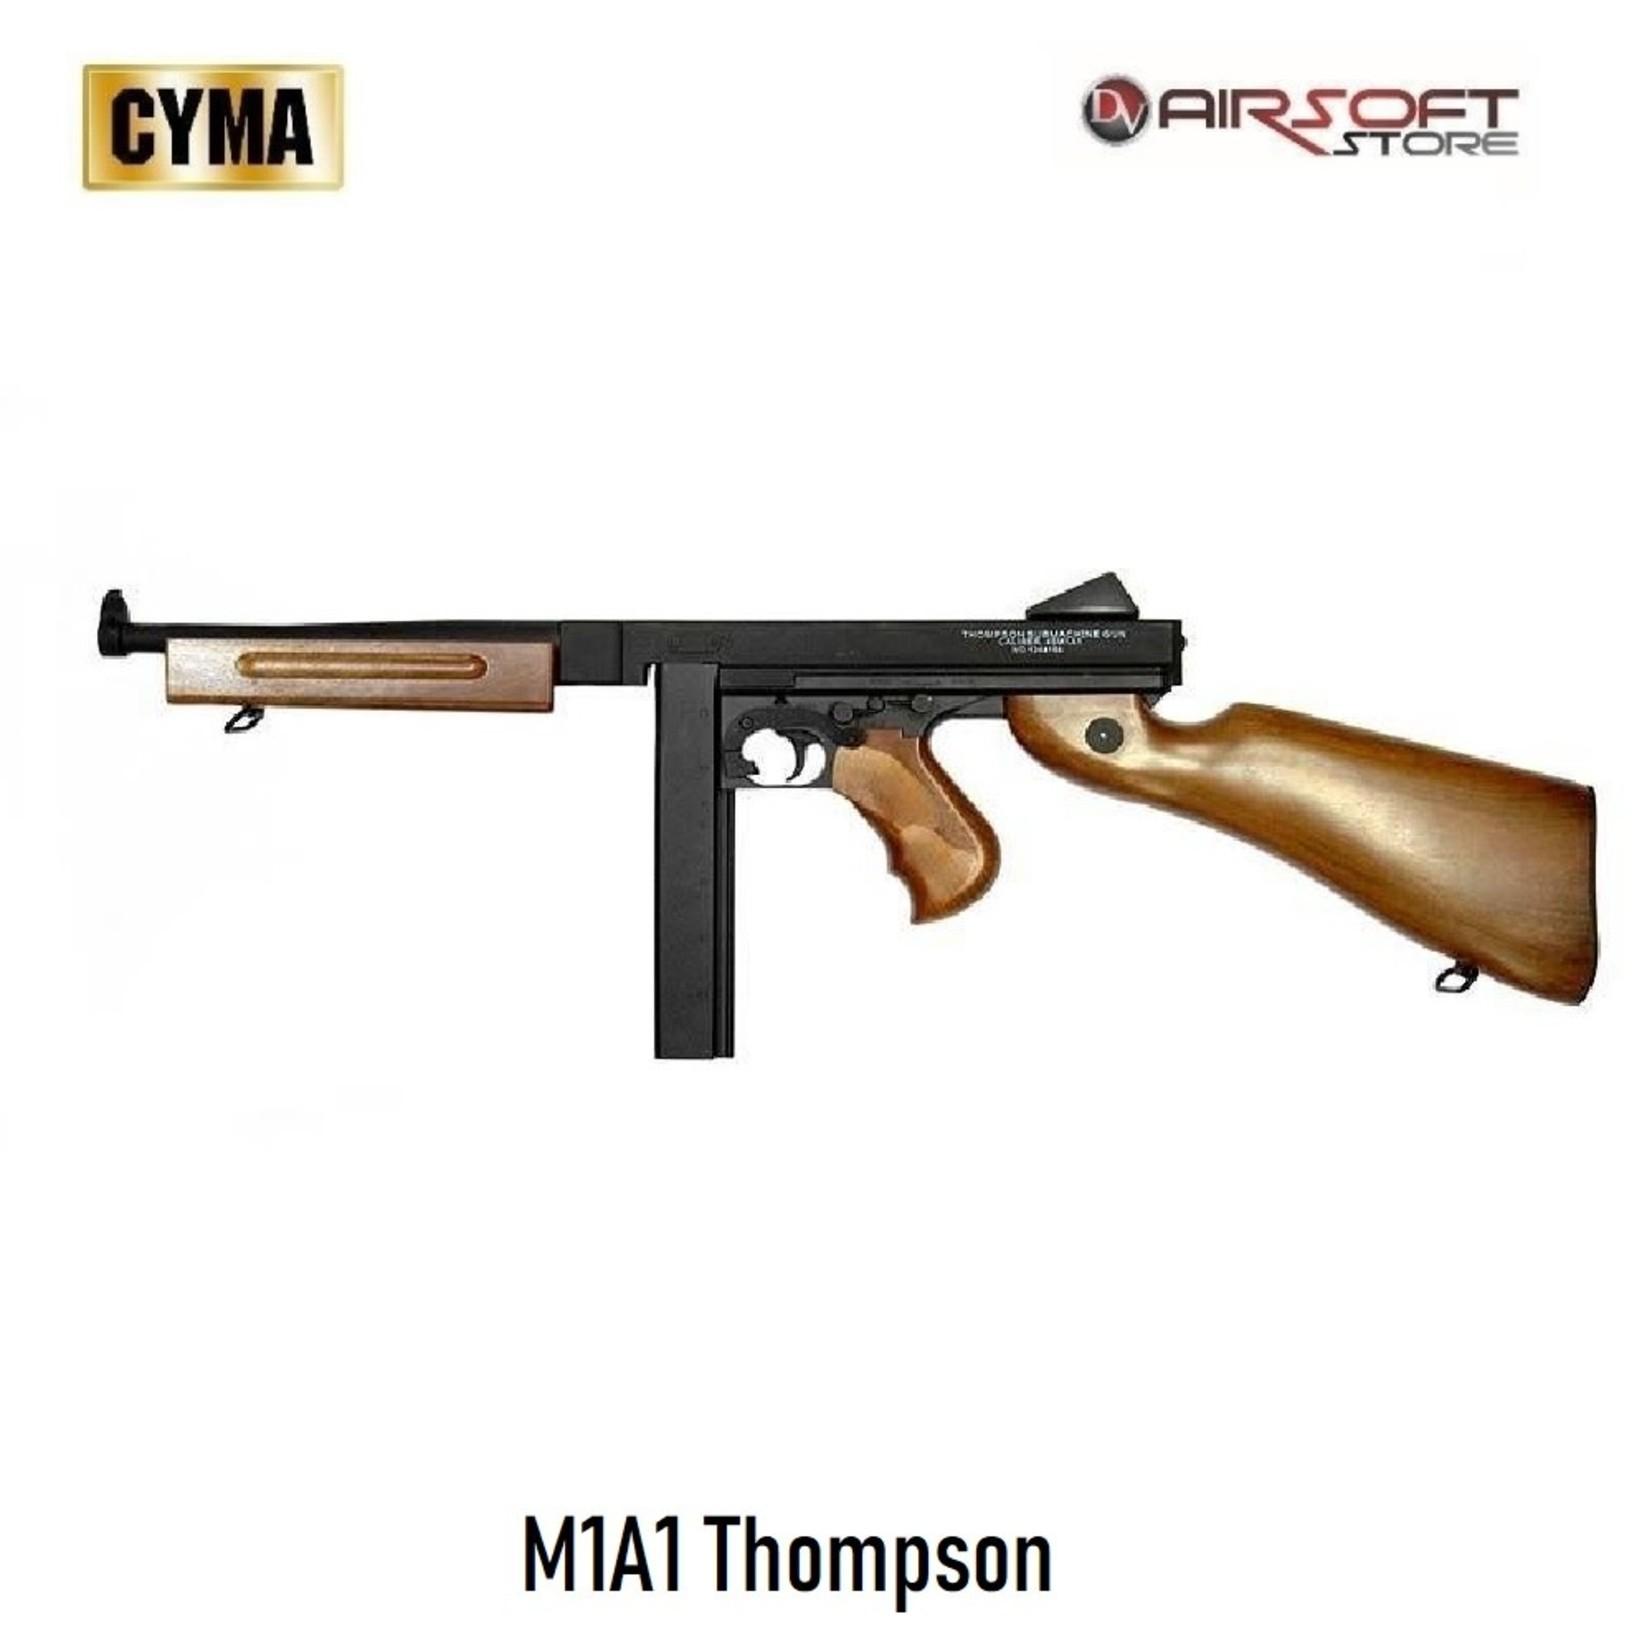 CYMA M1A1 Thompson